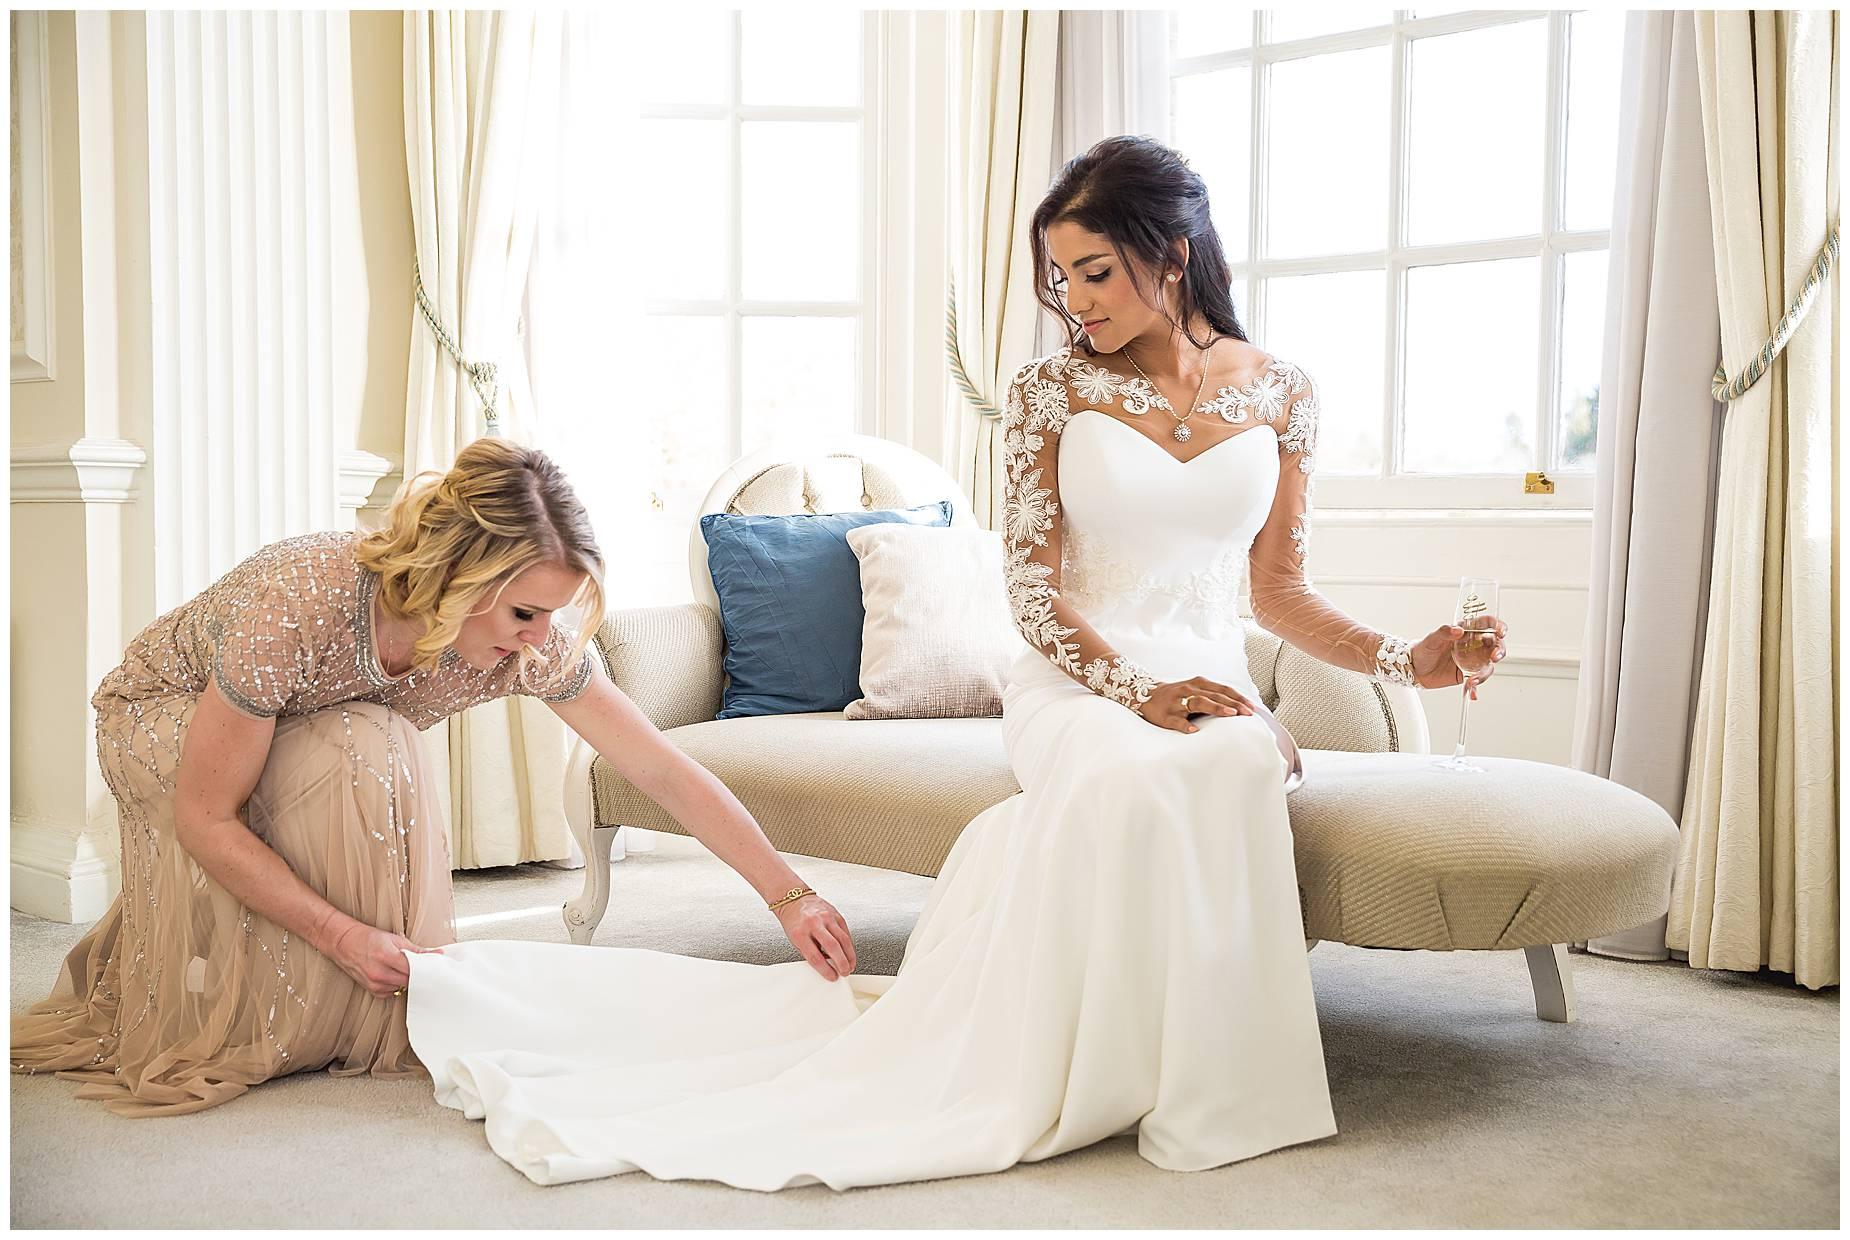 bridesmaid tweaks dress